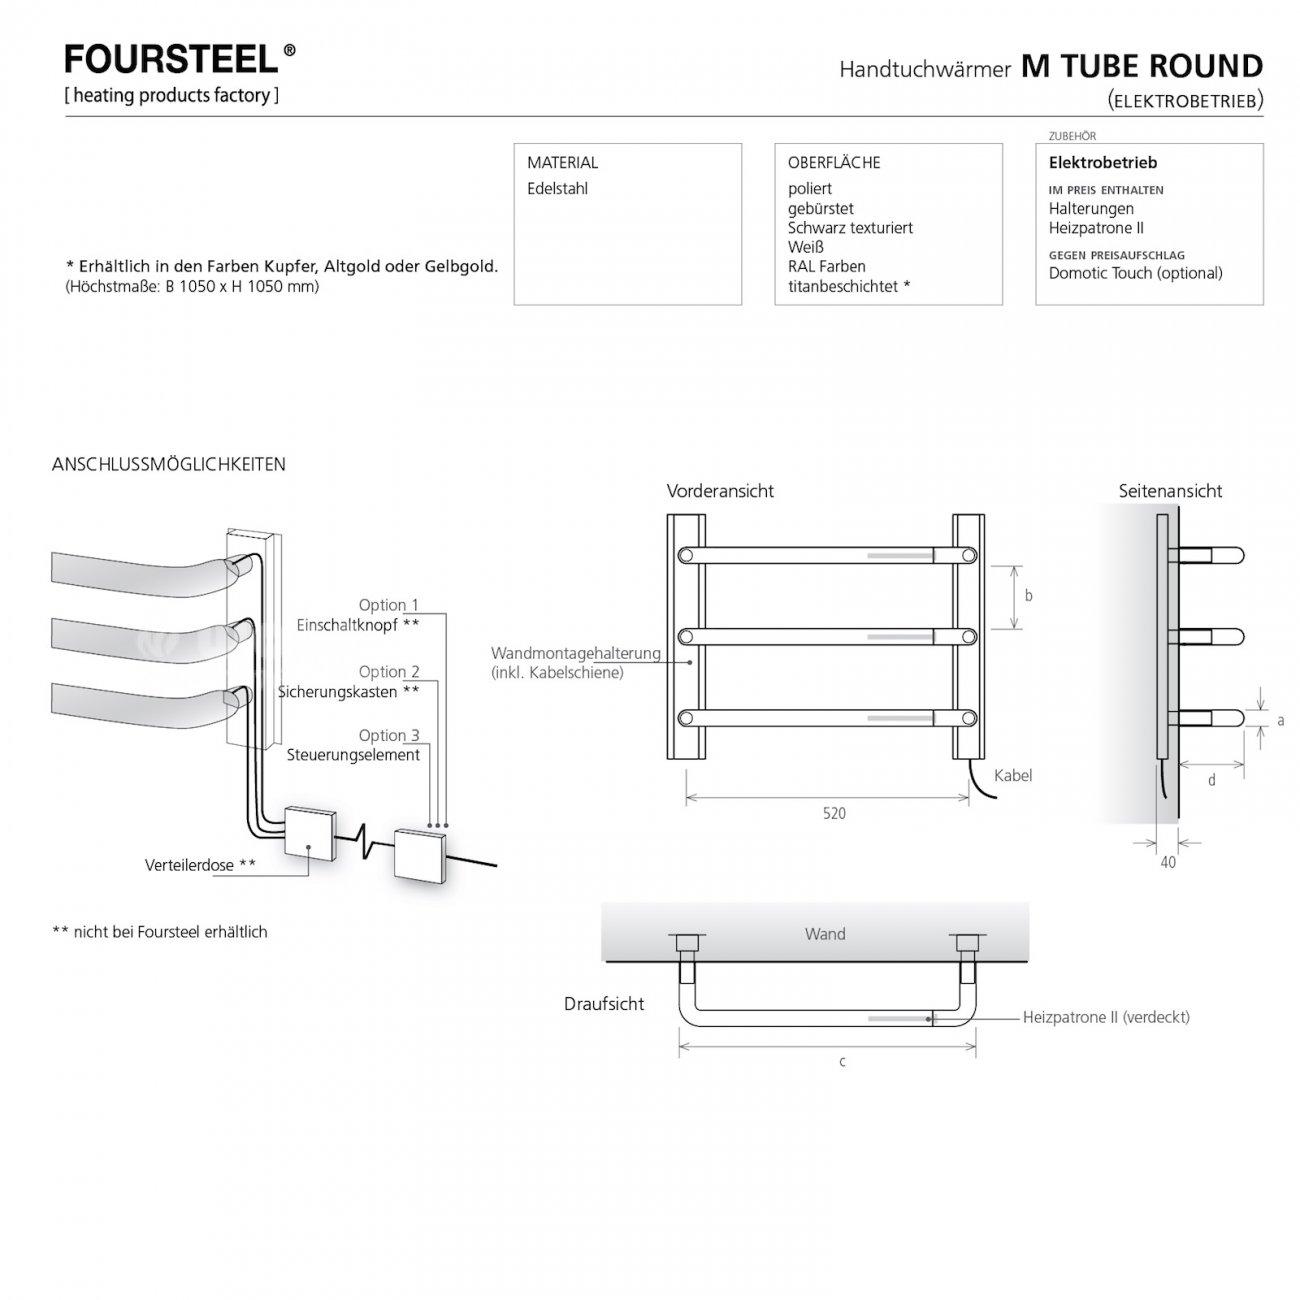 elektrischer design handtuchw rmer von foursteel. Black Bedroom Furniture Sets. Home Design Ideas